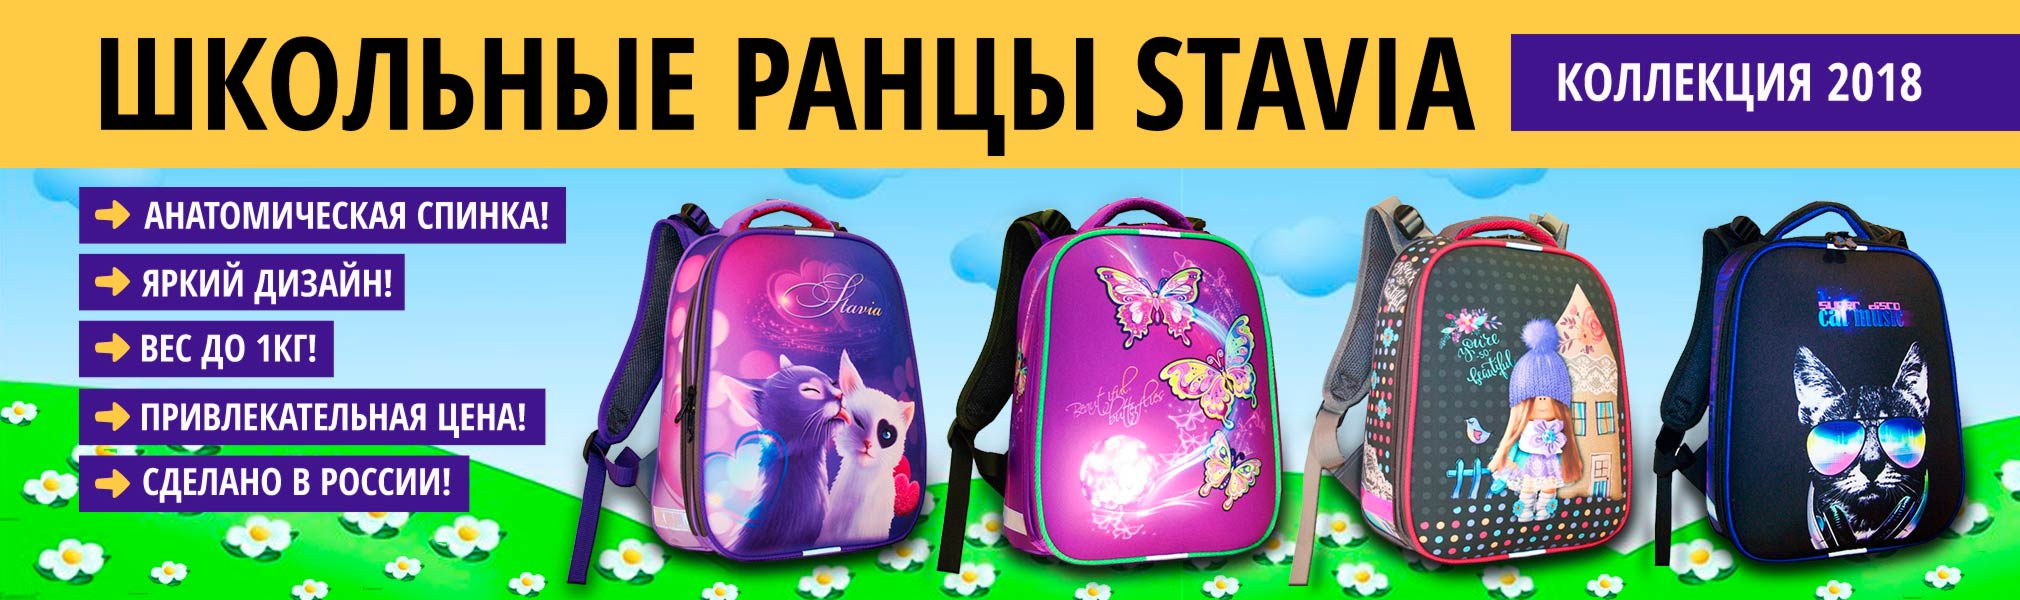 7e1f5c1486be MultiKraski.RU – школьные ранцы, школьные рюкзаки, товары для школы